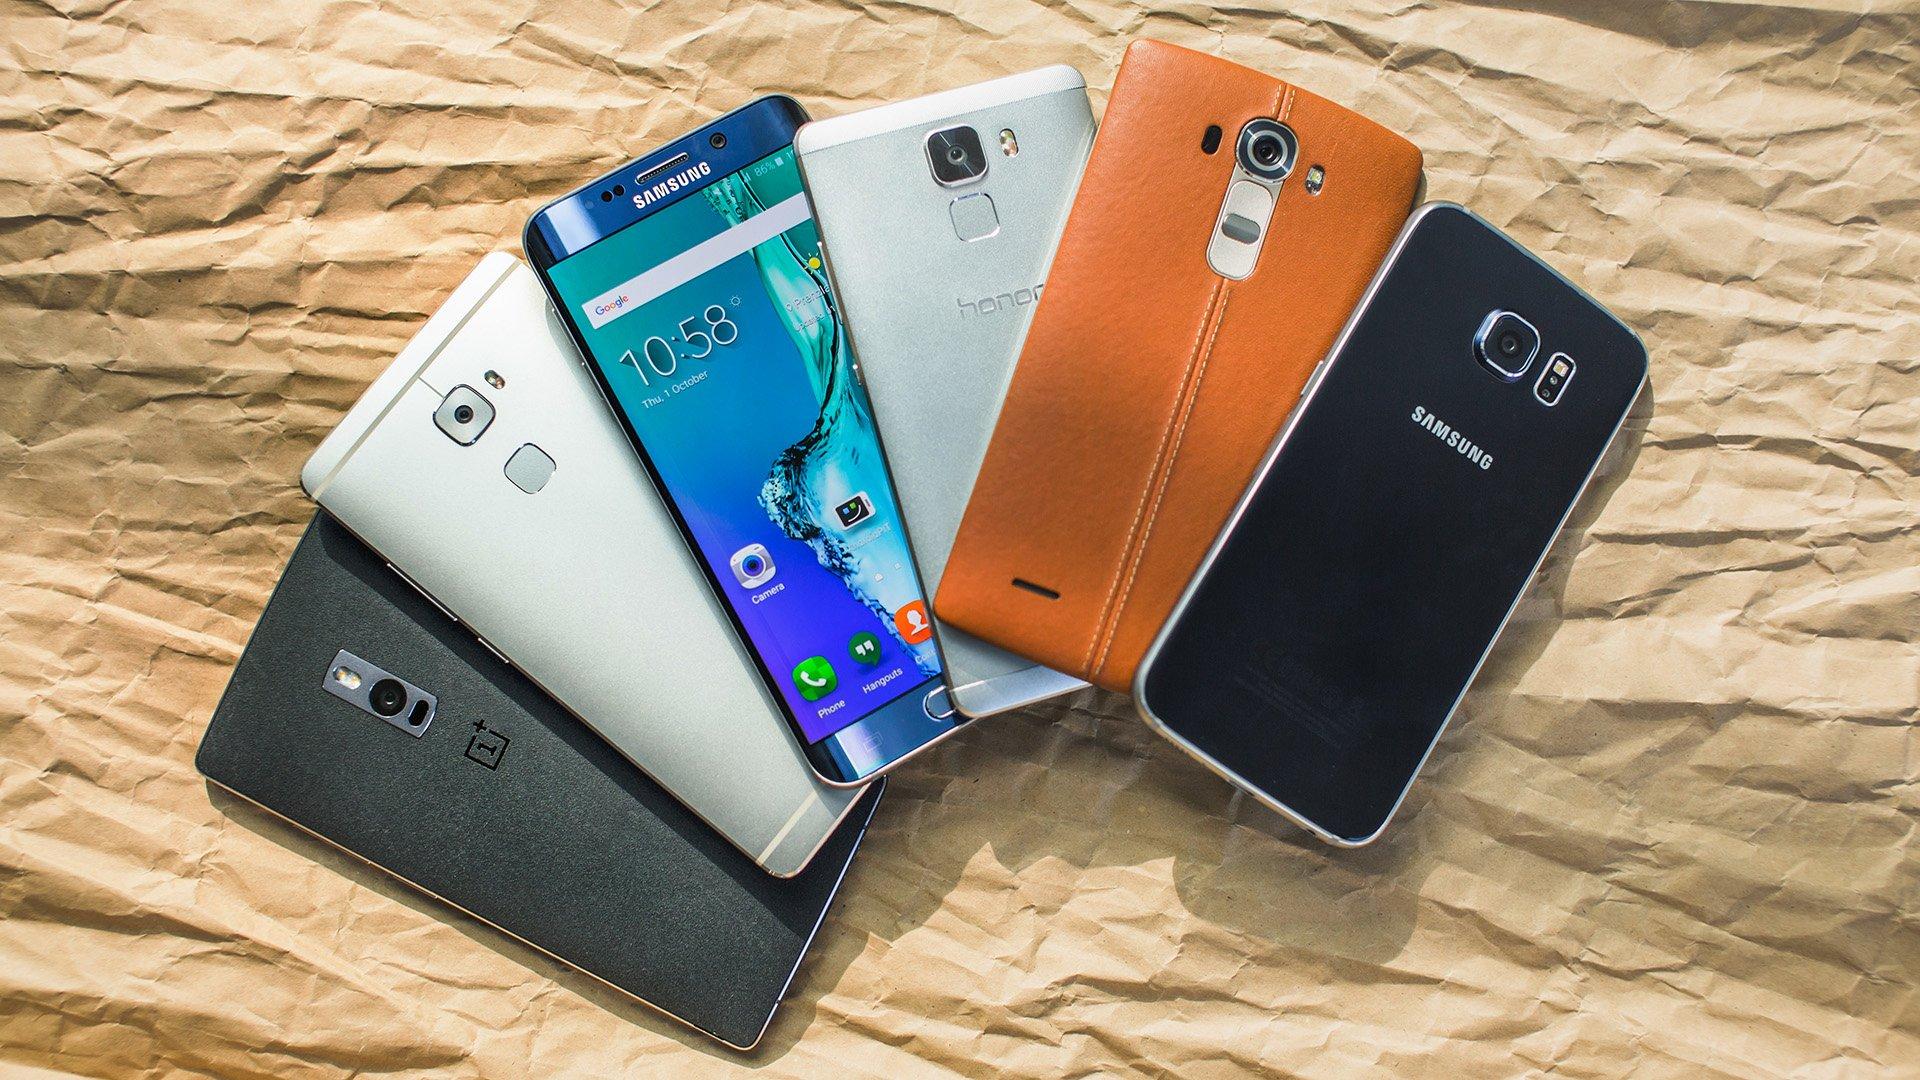 Vai funcionar saiba como evitar problemas ao comprar celular no saiba como evitar problemas ao comprar celular no exterior androidpit altavistaventures Gallery